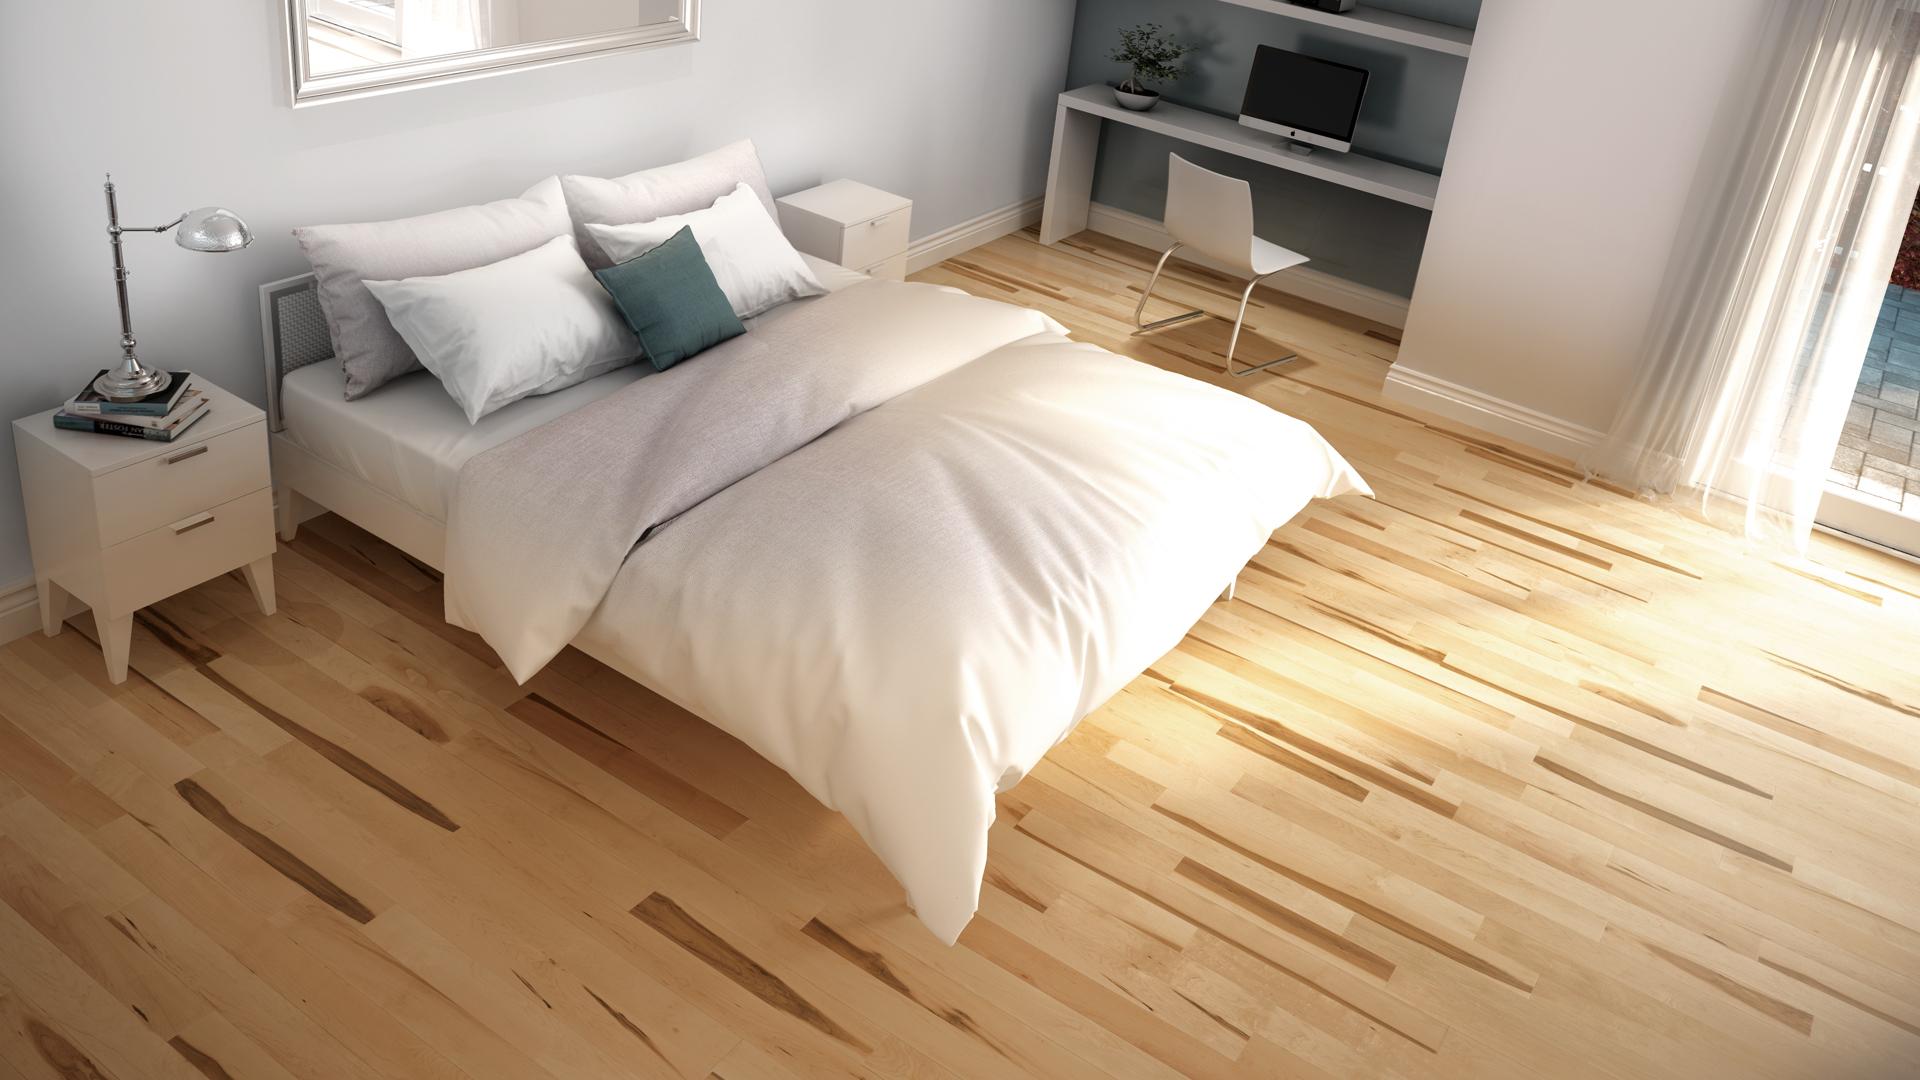 Hard maple natural | Dubeau hardwood floors | Bedroom decor